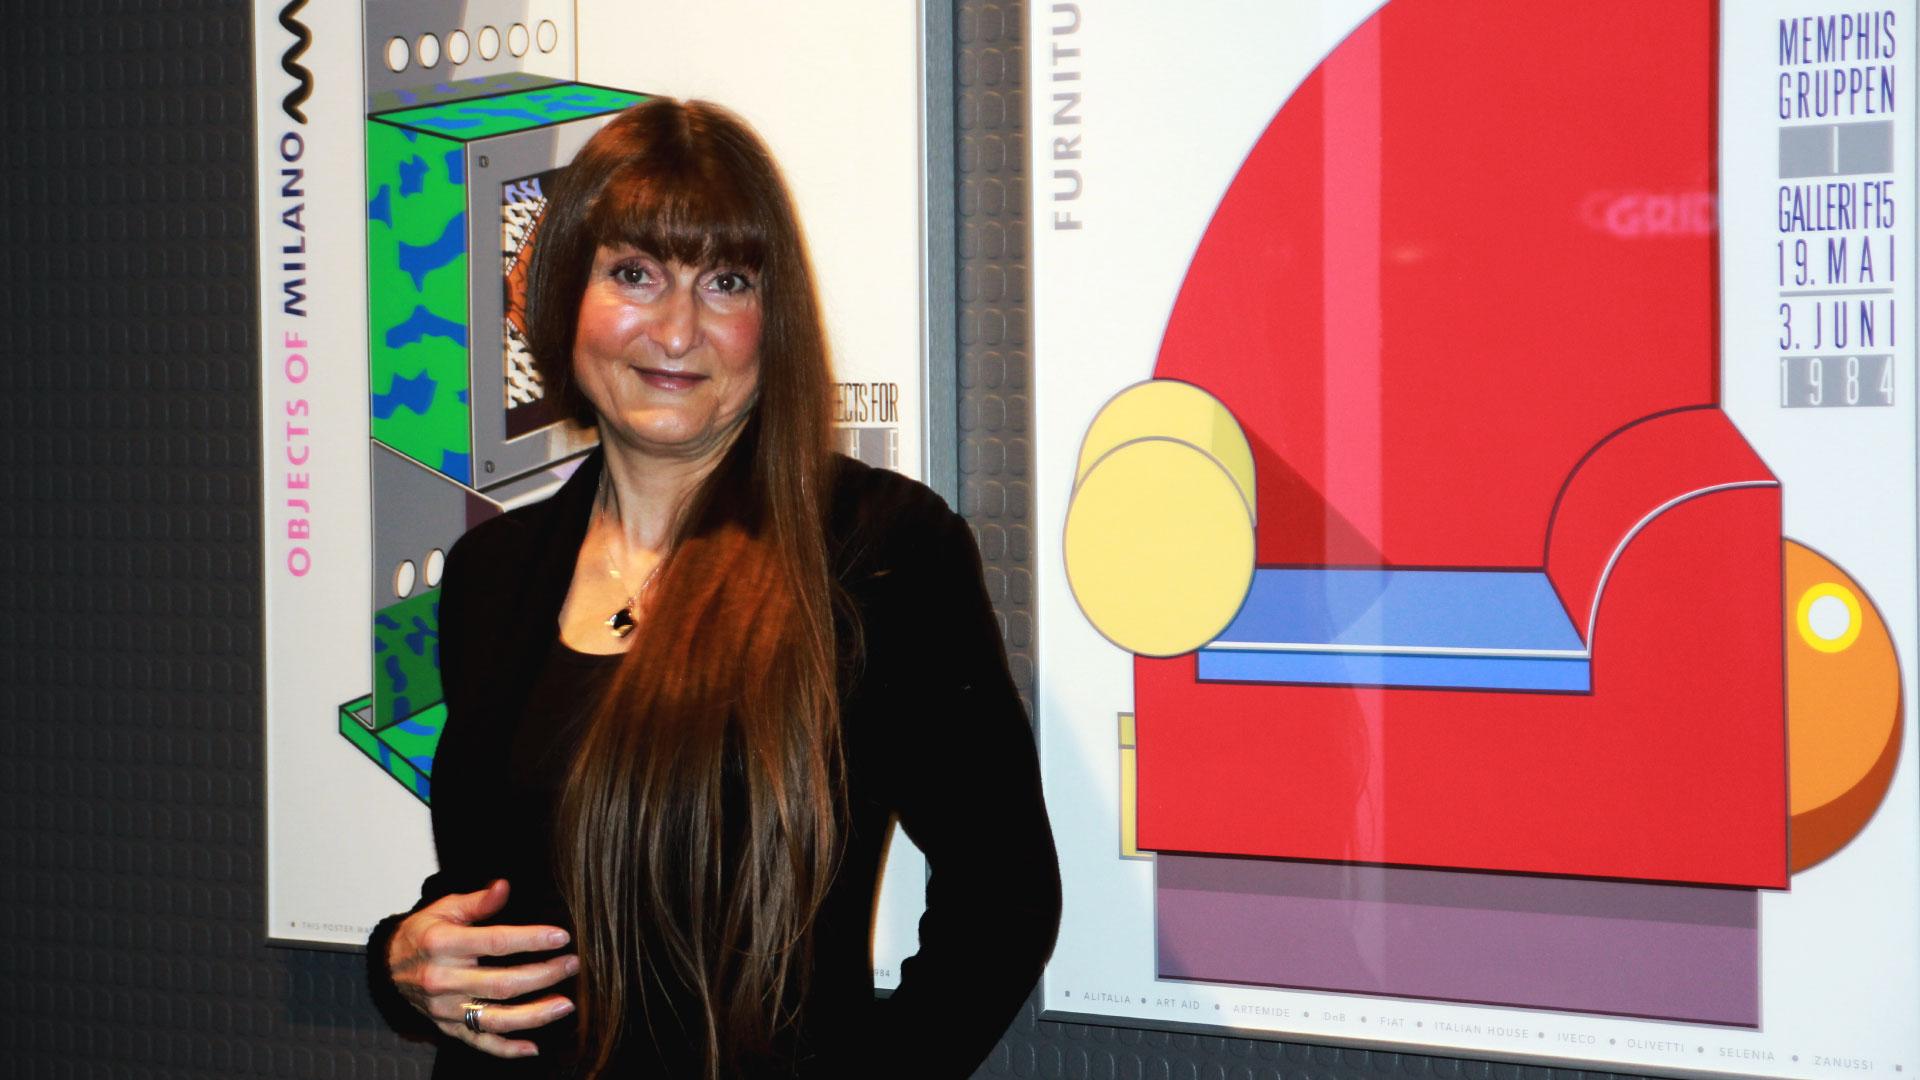 Professor i visuell kommunikasjon, Wanda Grimsgaard liker Memphis